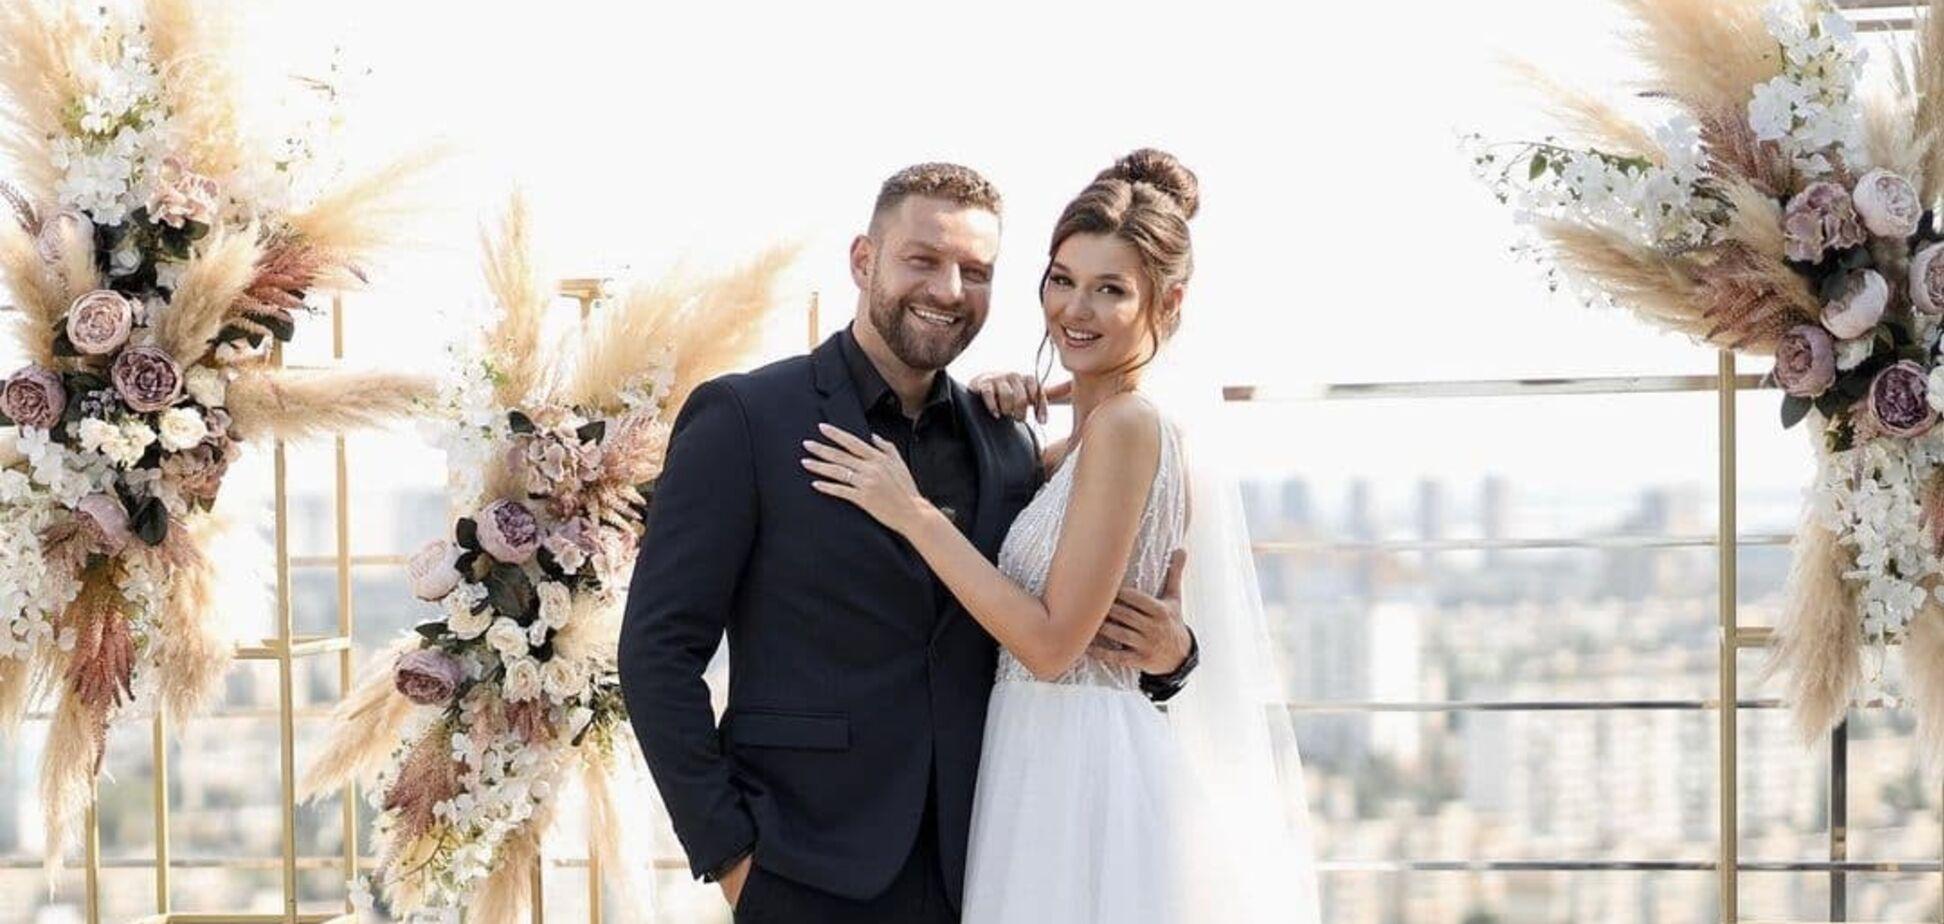 Юлия Бельченко и Богдан Юсипчук